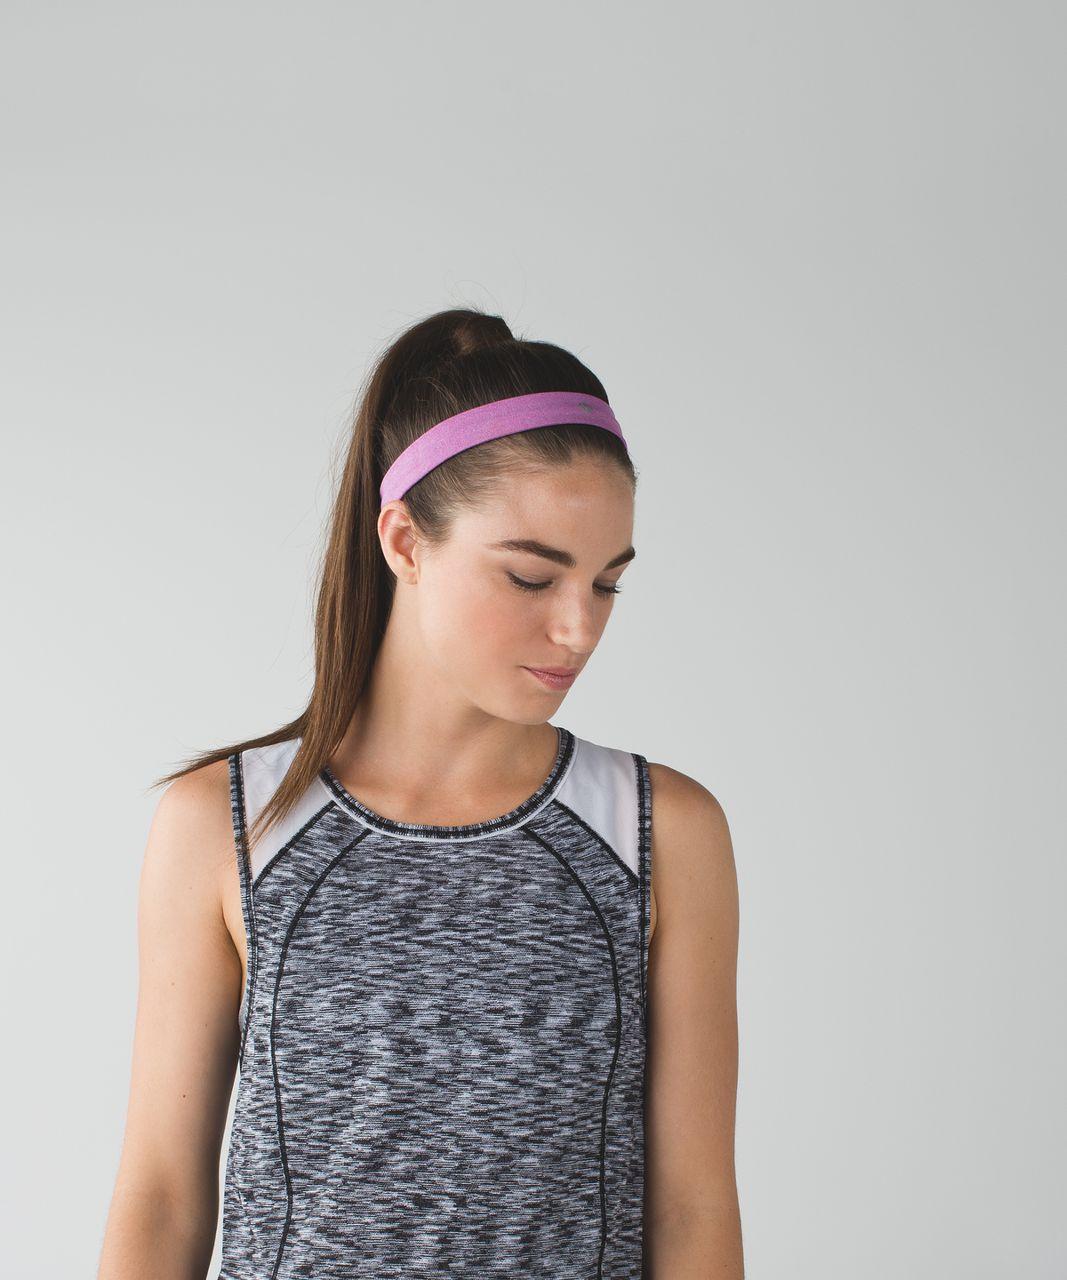 Lululemon Cardio Cross Trainer Headband - Heathered Ultra Violet